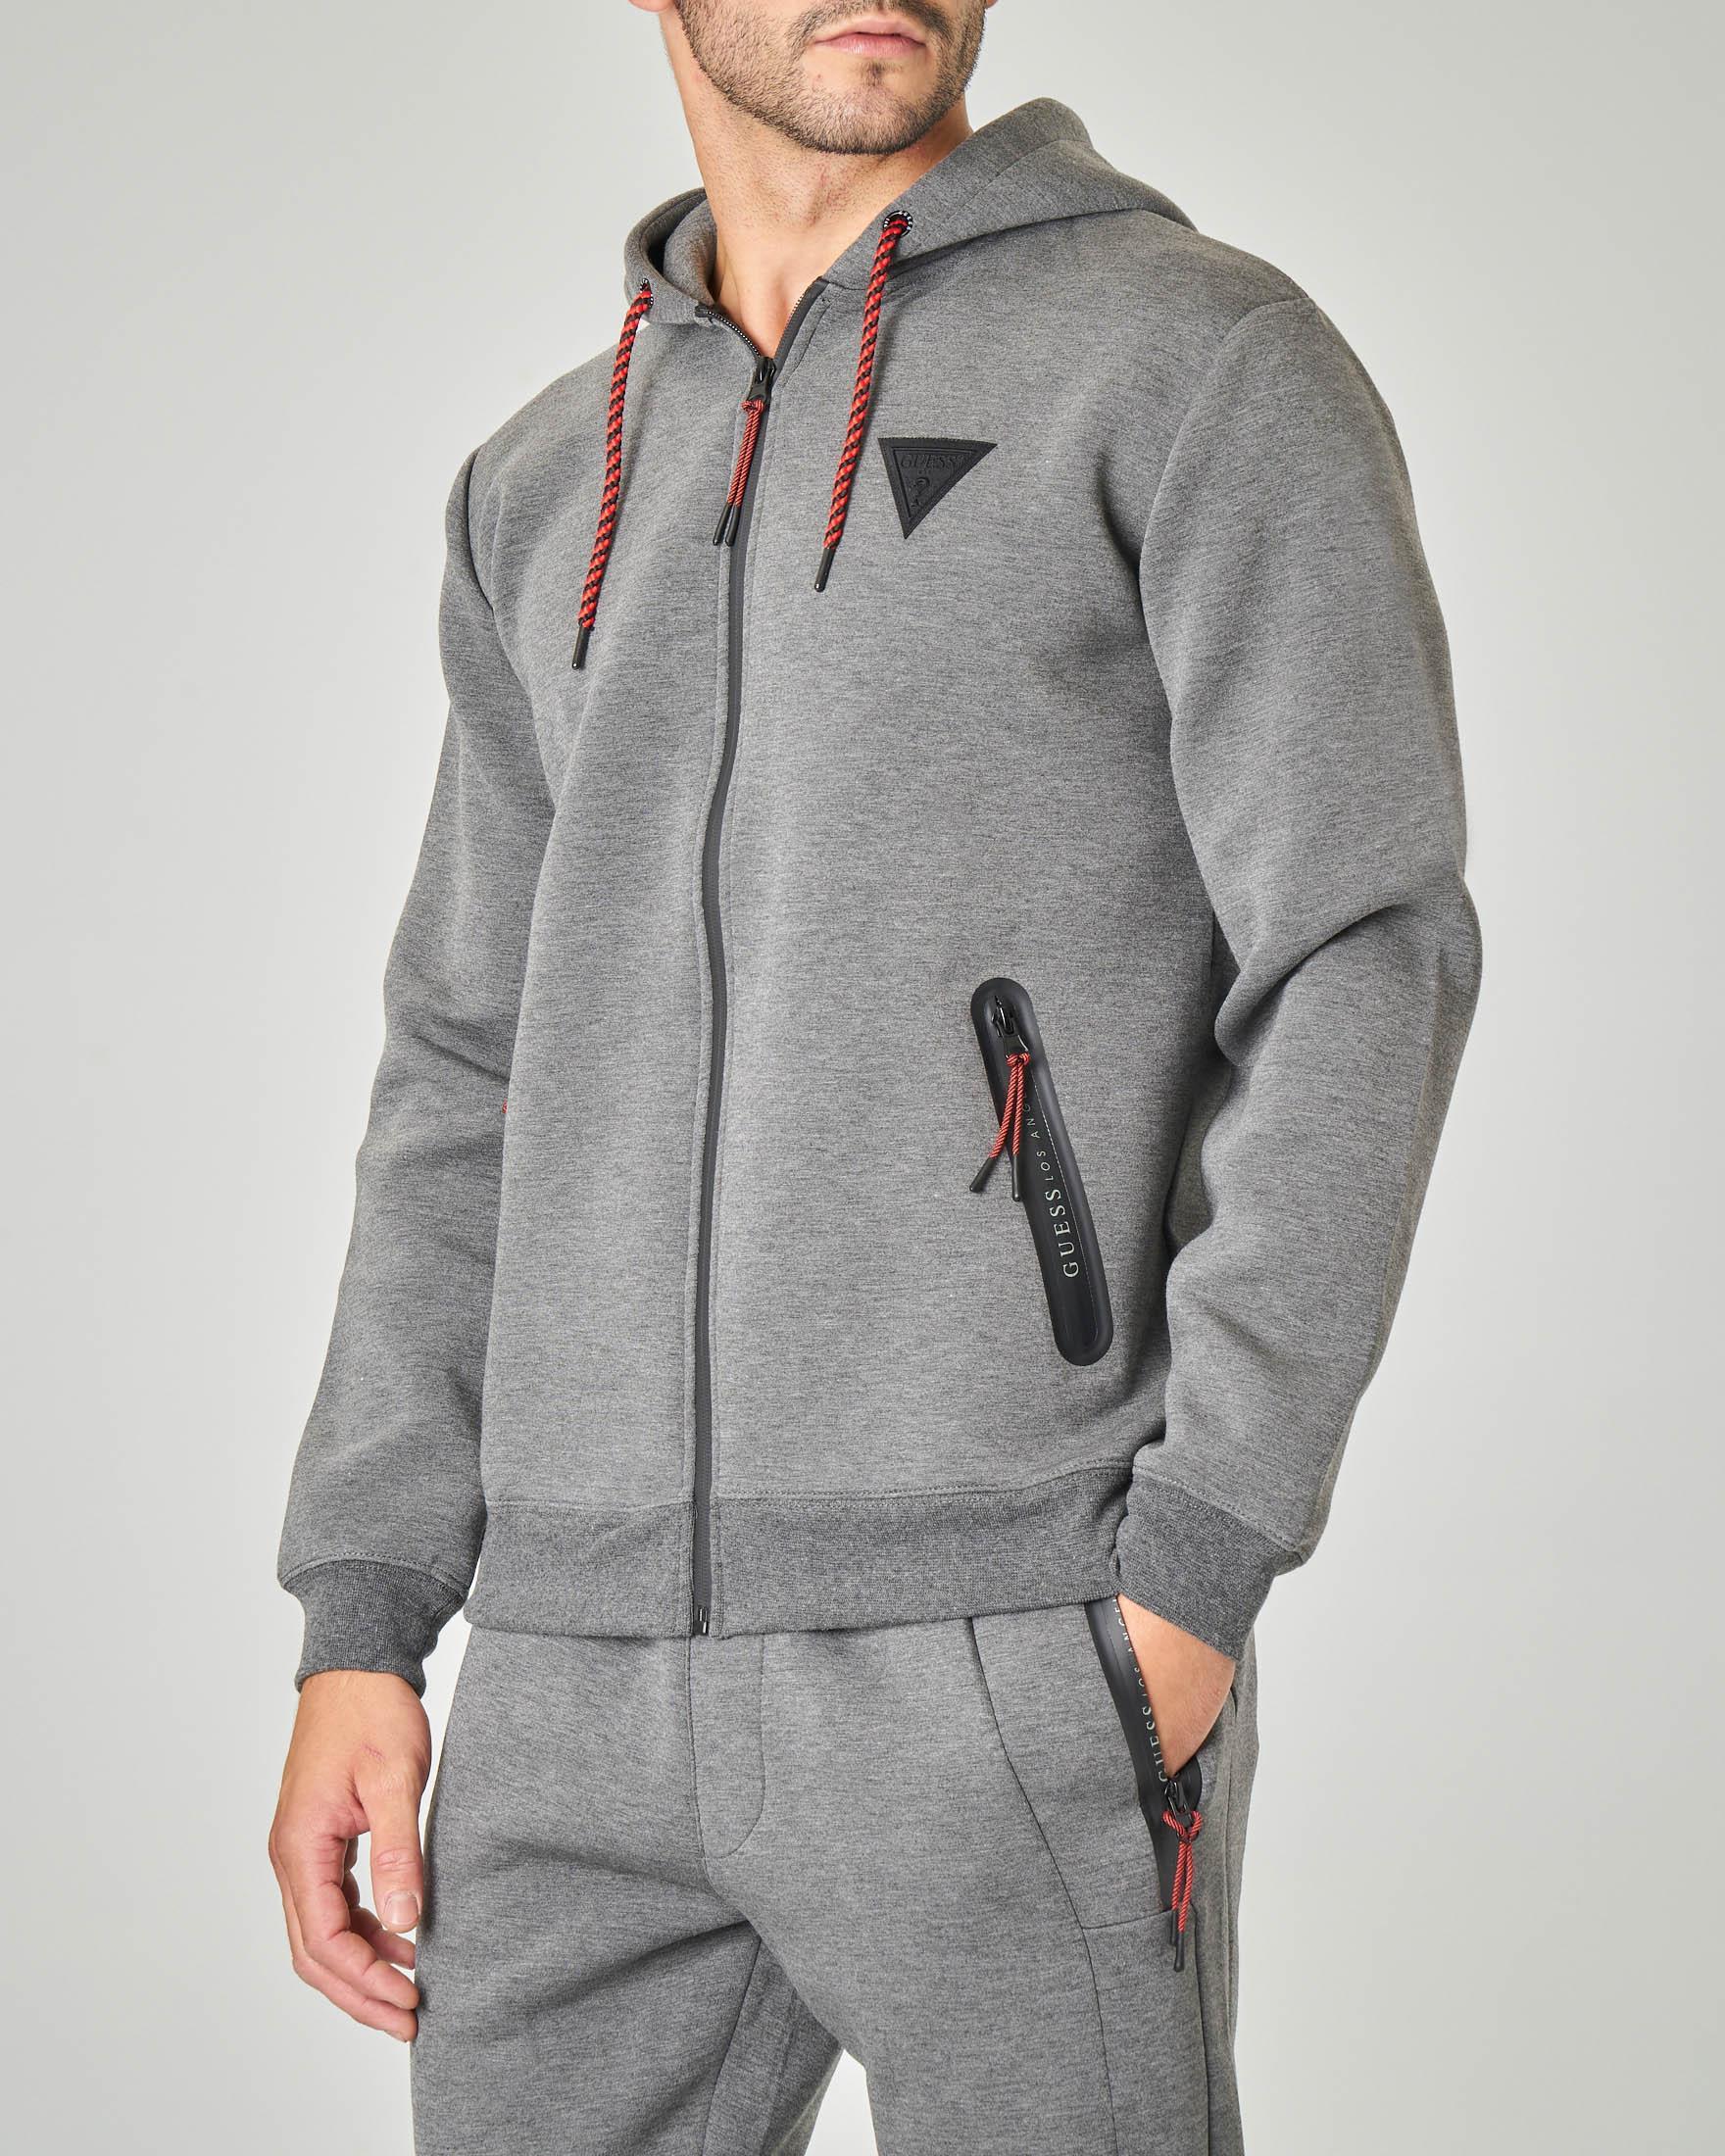 Felpa grigia con cappuccio e chiusura zip termonastrata